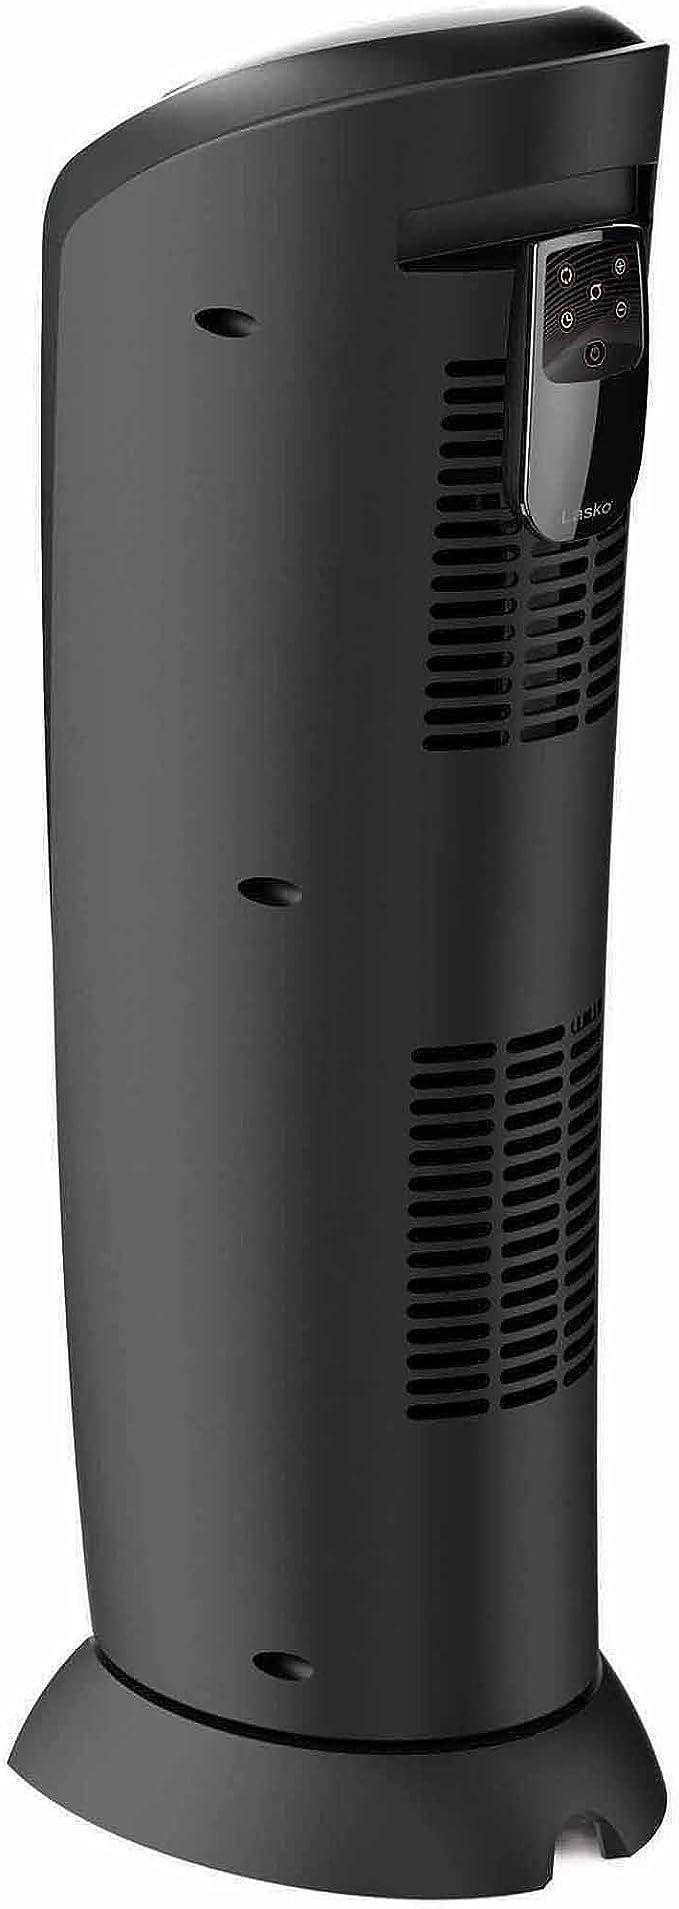 Lasko 1500W Electric Ceramic Tower Space Heater Remote Control Black CT22410